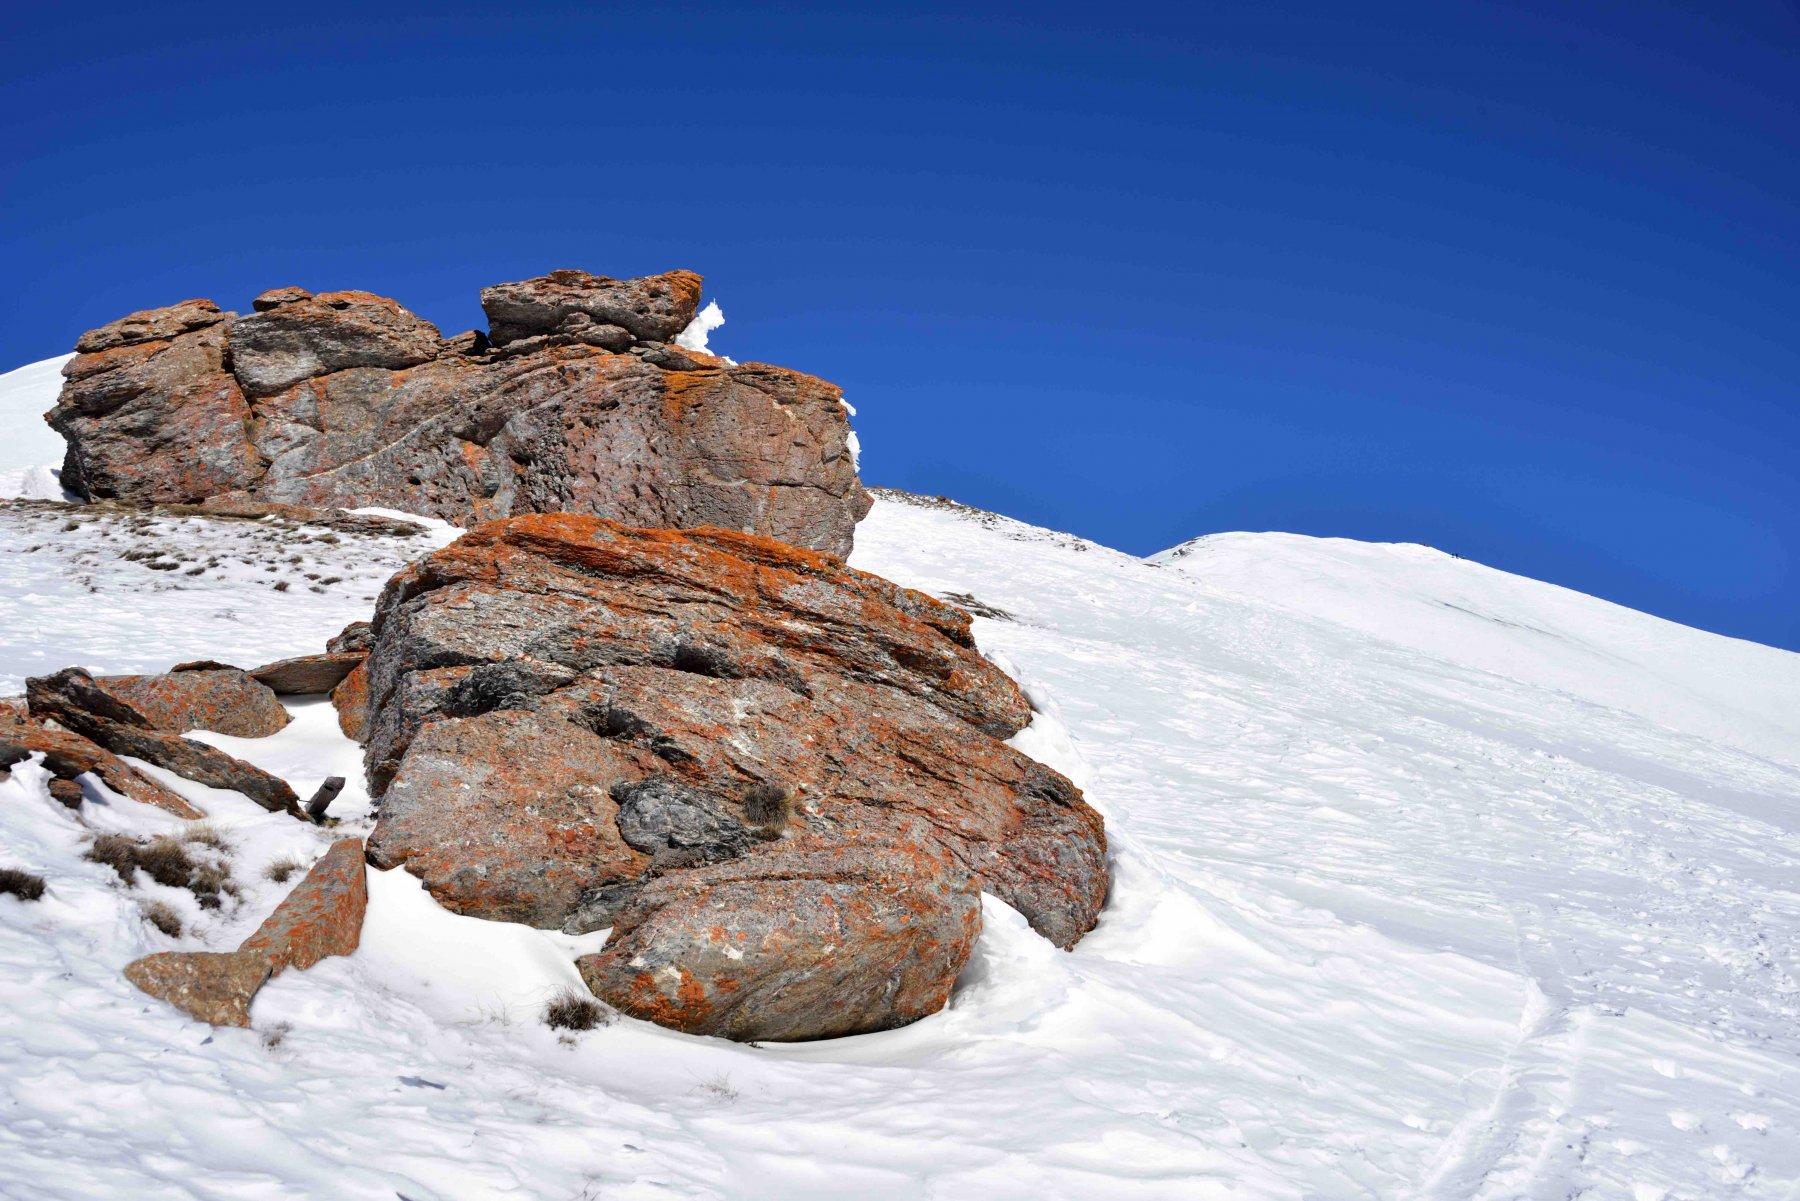 Il roccione q.2630 e la cresta finale della Leissé.